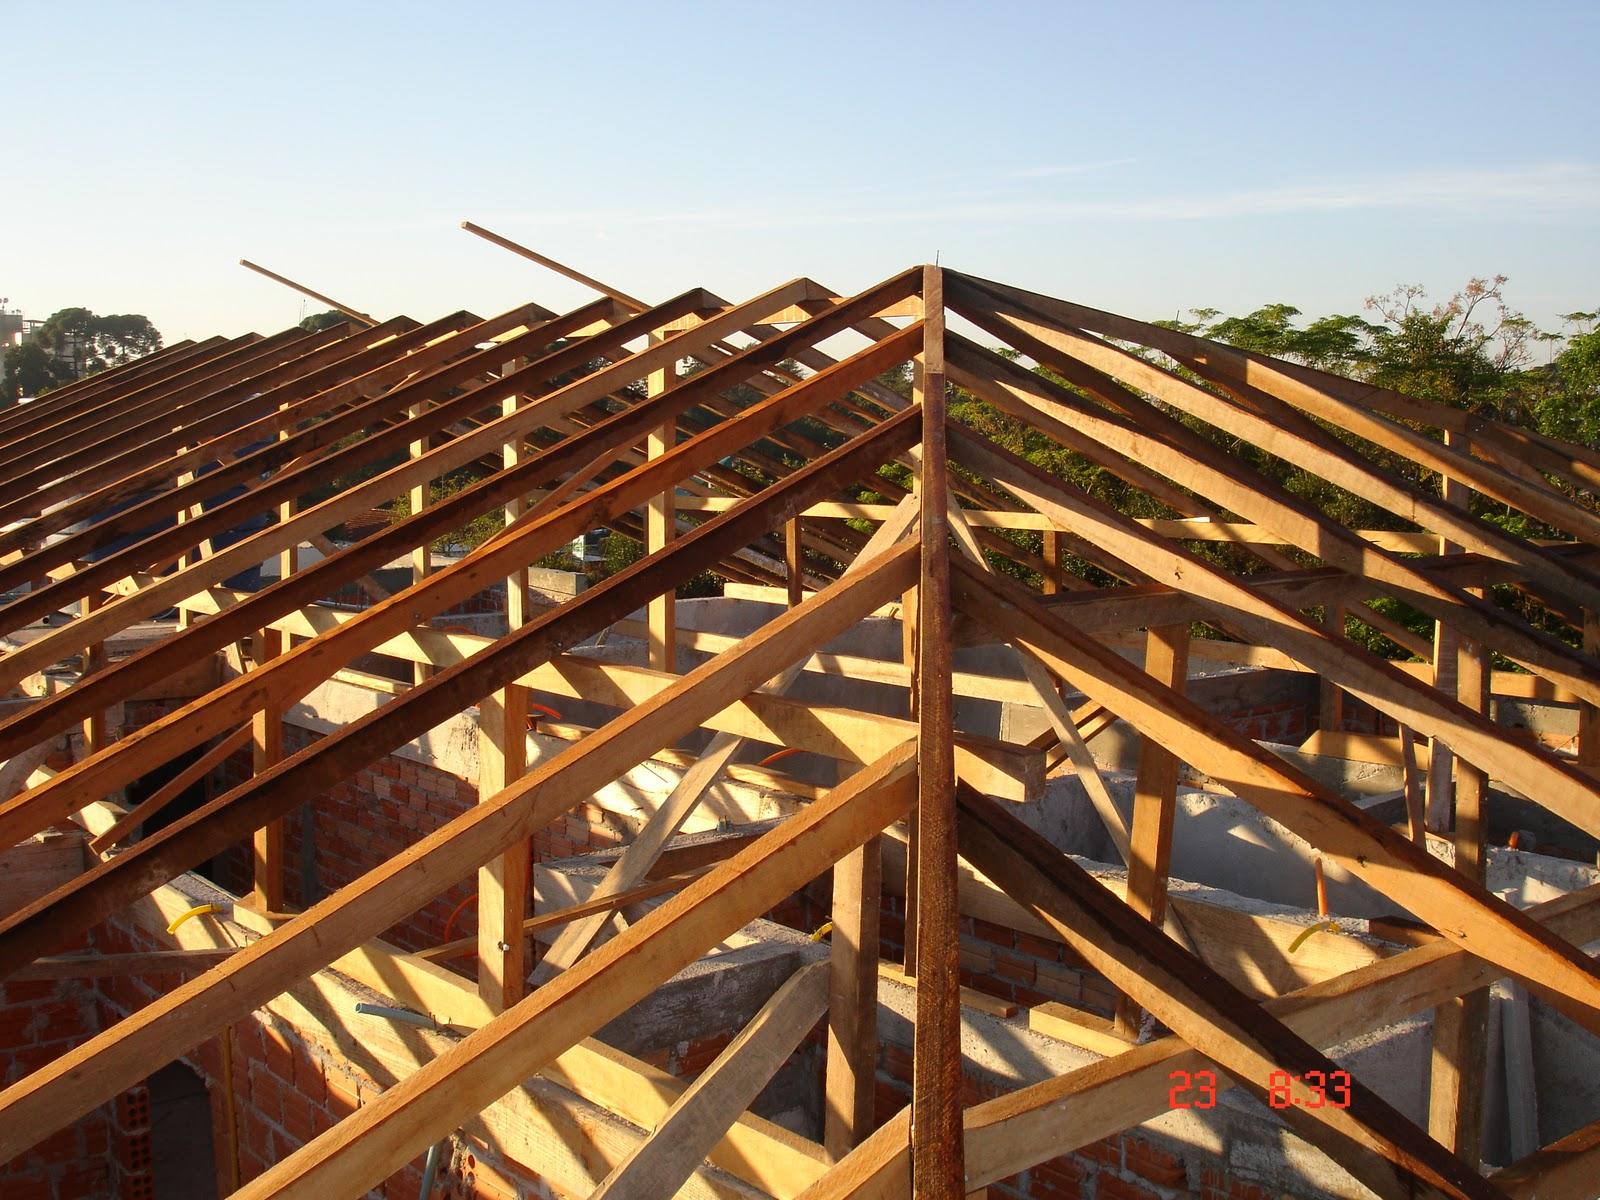 Foto tirada do piso lateral direito do madeiramento. #C37608 1600x1200